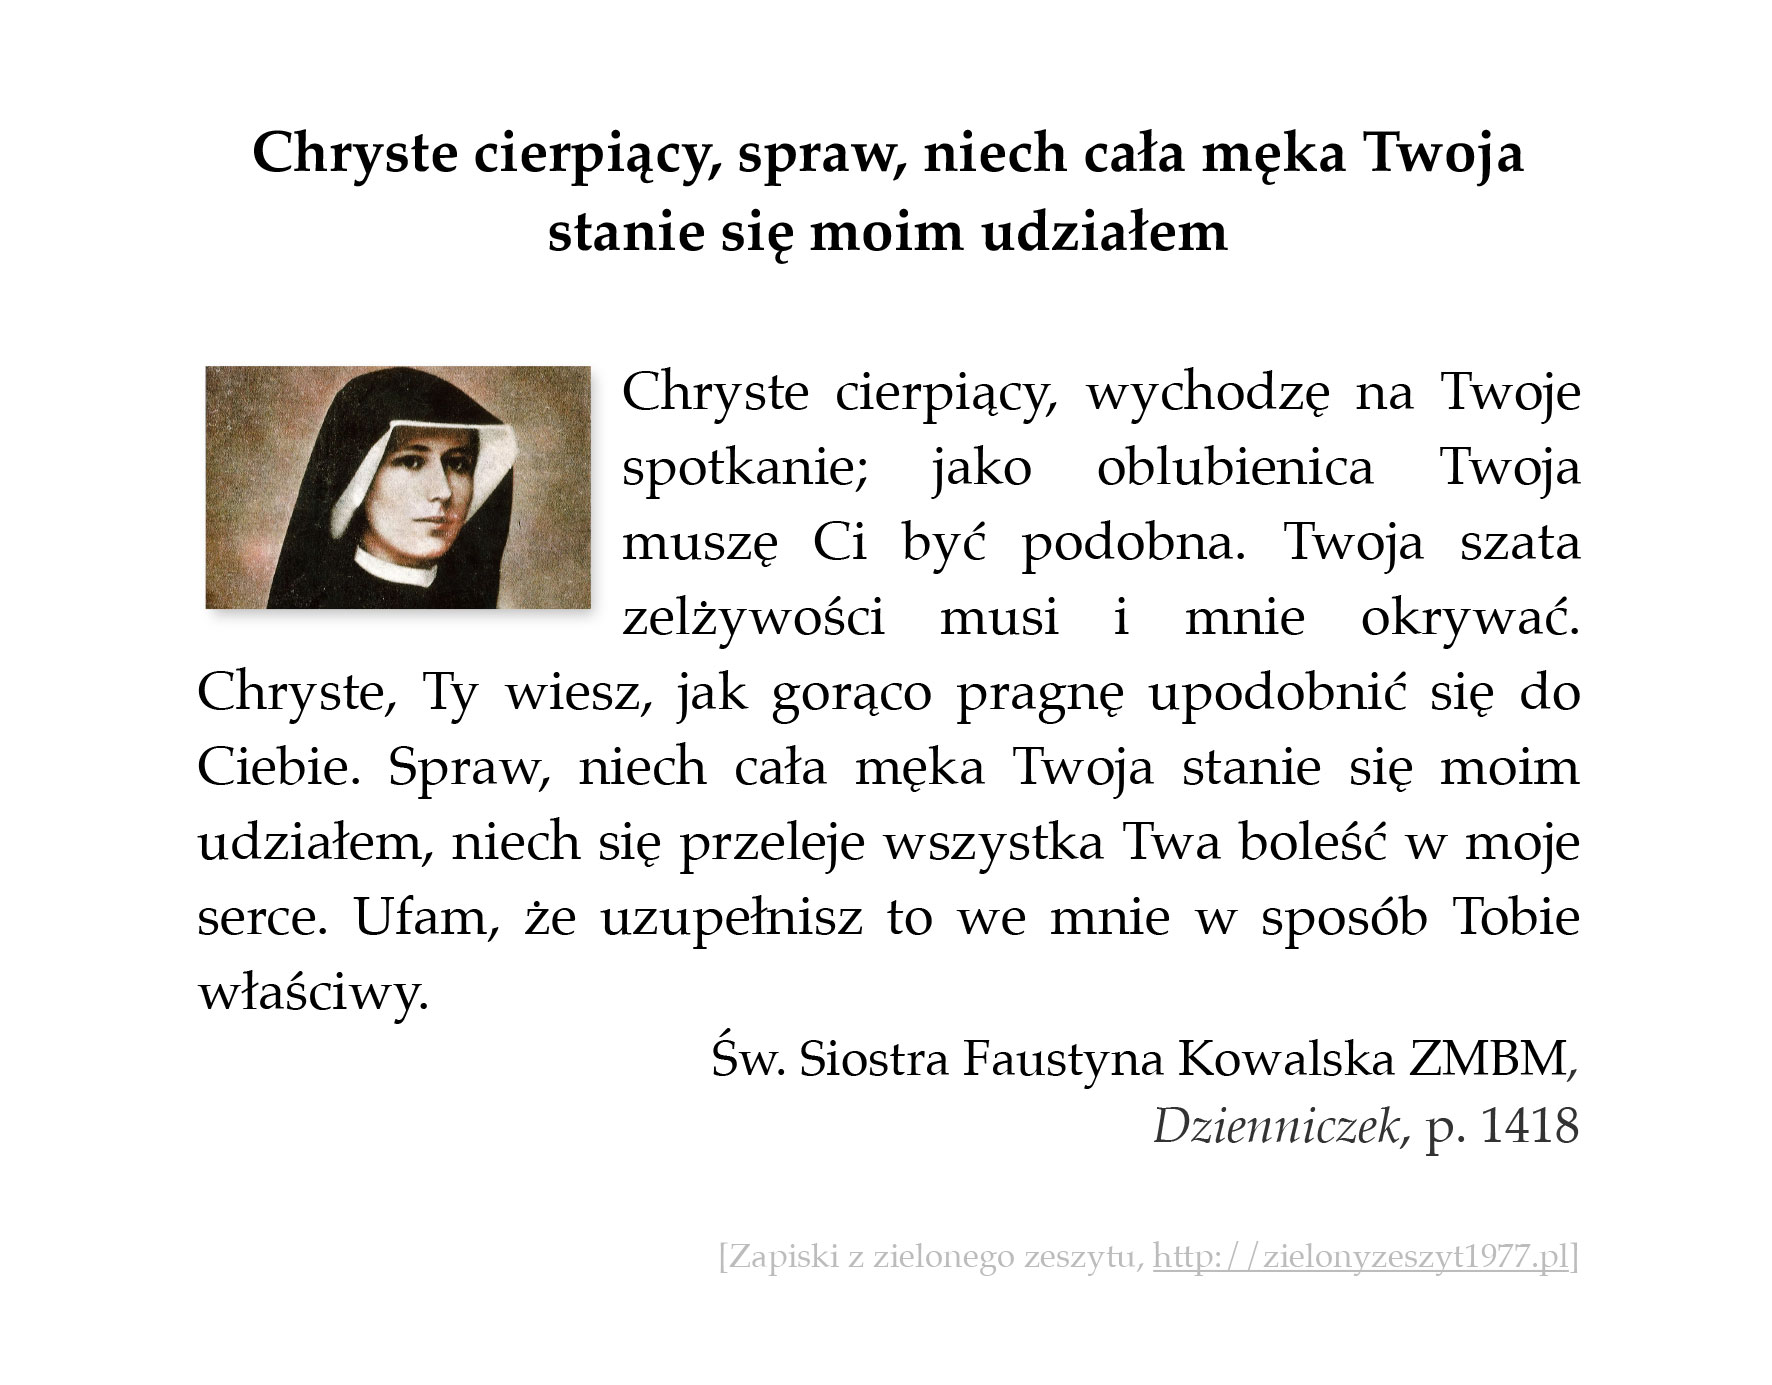 Chryste cierpiący, spraw, niech cała męka Twoja stanie się moim udziałem; św. Faustyna Kowalska